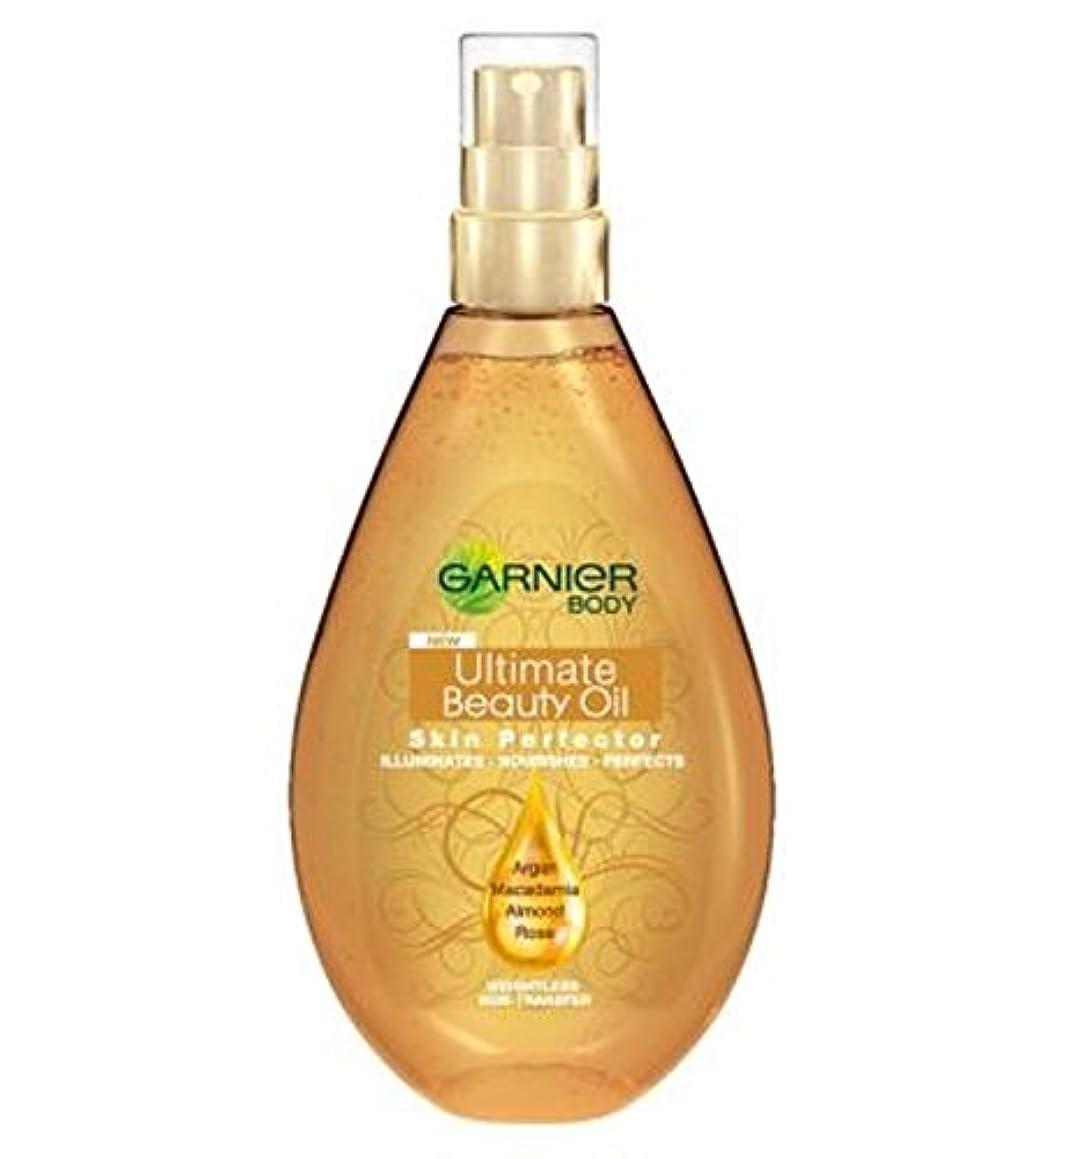 アーサーコナンドイル良い便益Garnier Ultimate Beauty Oil Skin Perfector 150ml - ガルニエ究極の美容オイルスキンパーフェクの150ミリリットル (Garnier) [並行輸入品]